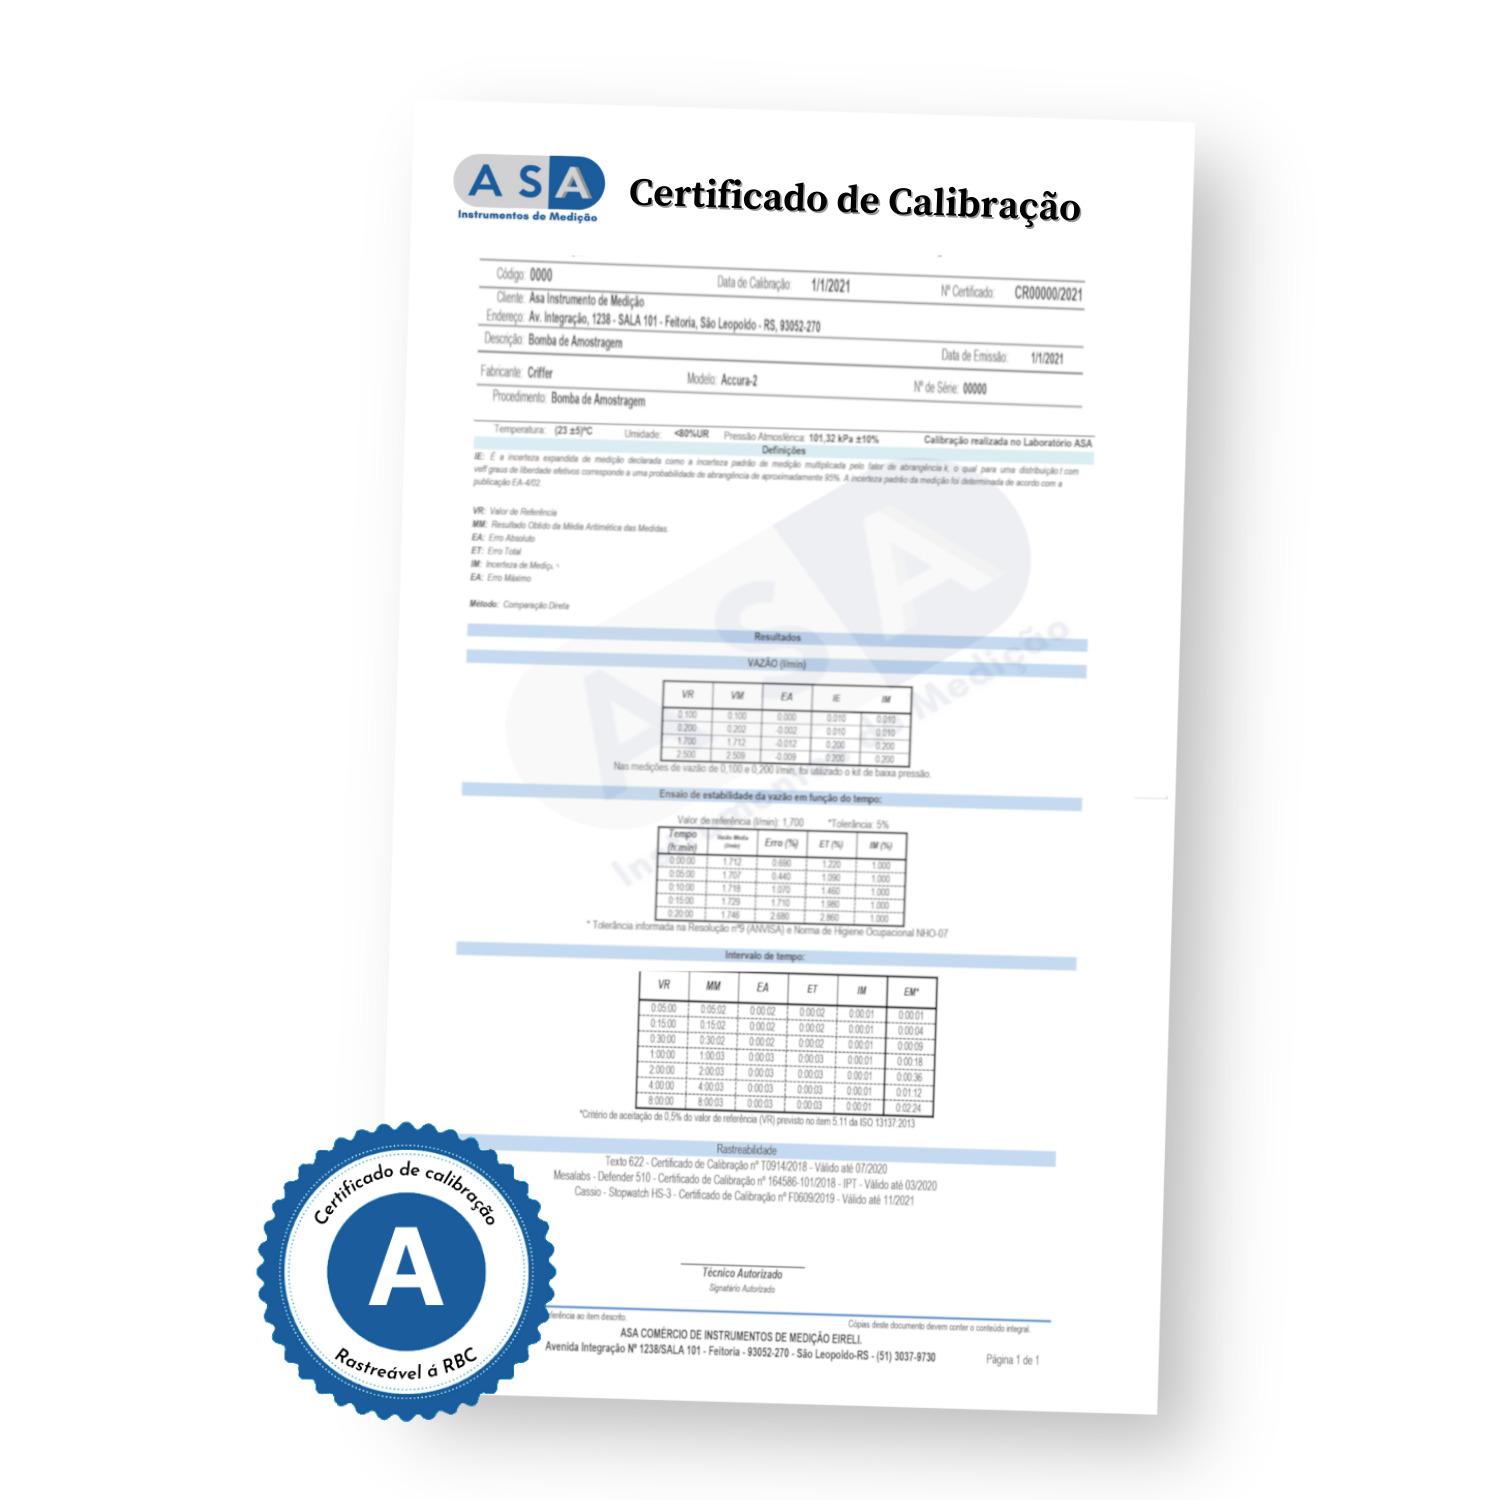 Calibração com rastreabilidade RBC/INMETRO - Detector de 4 Gases